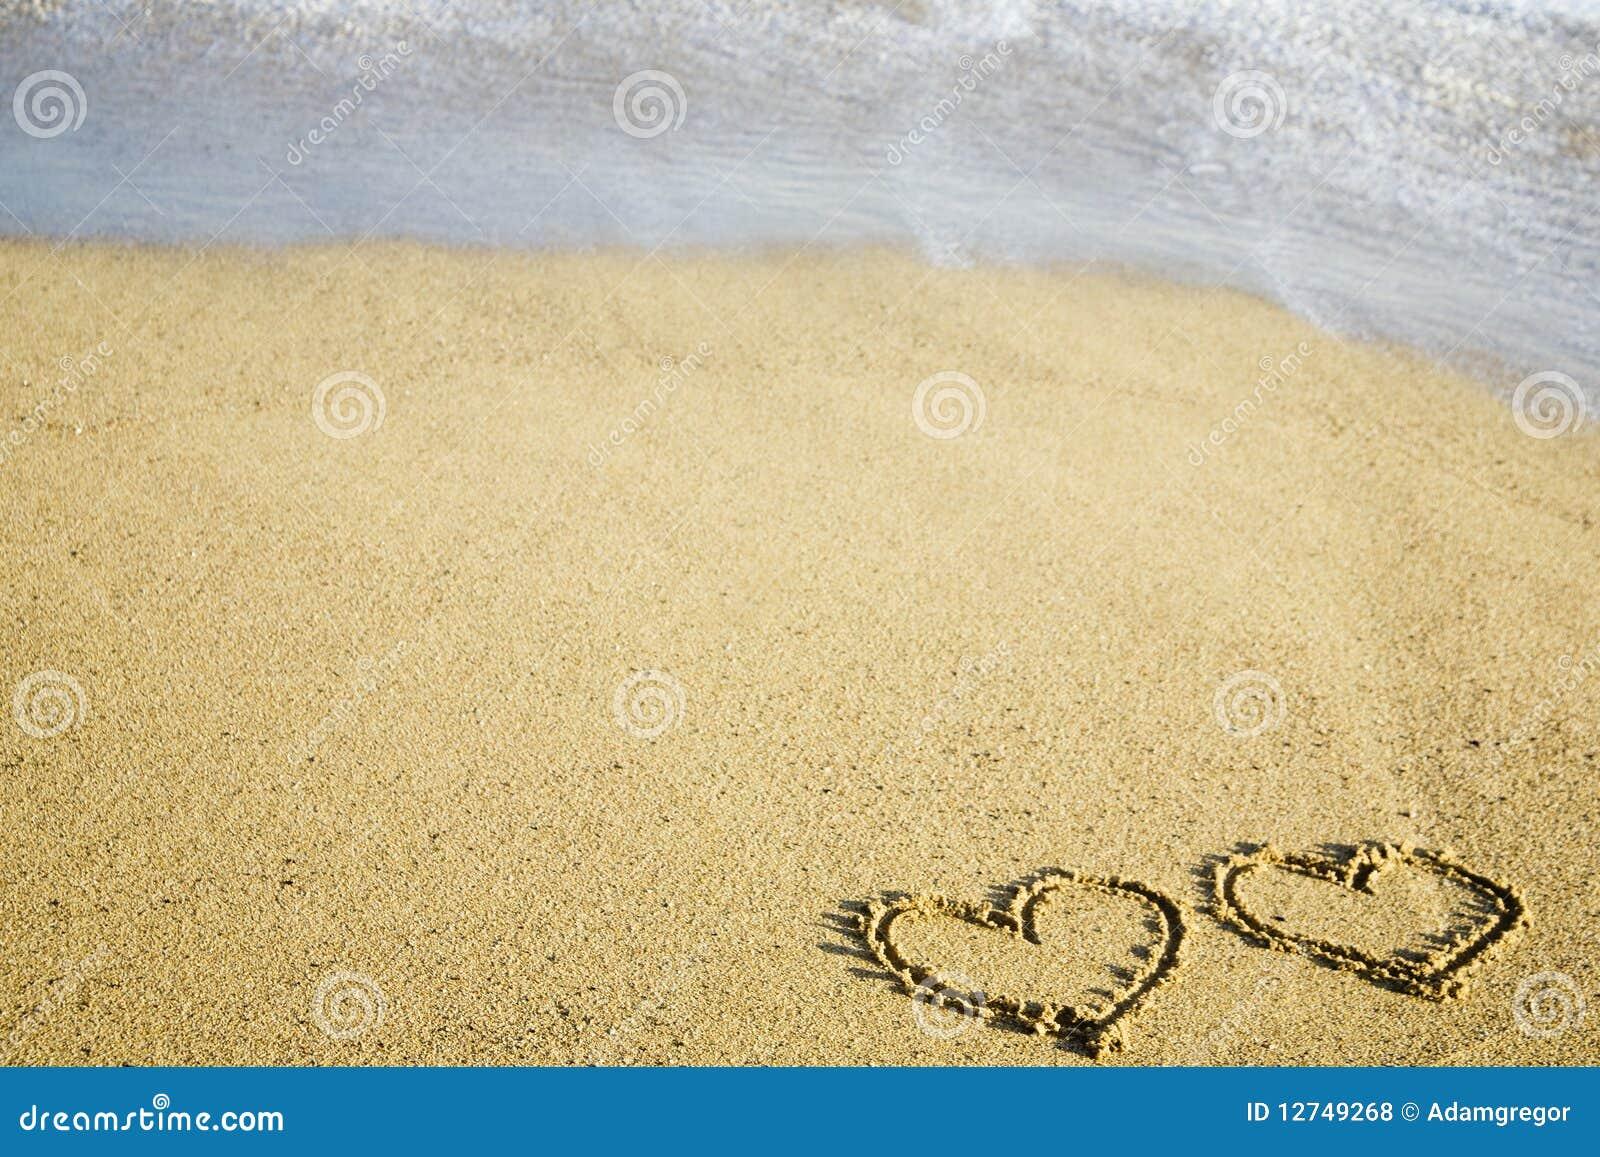 Amor Escrito En Arena: Dos Corazones Escritos En La Arena